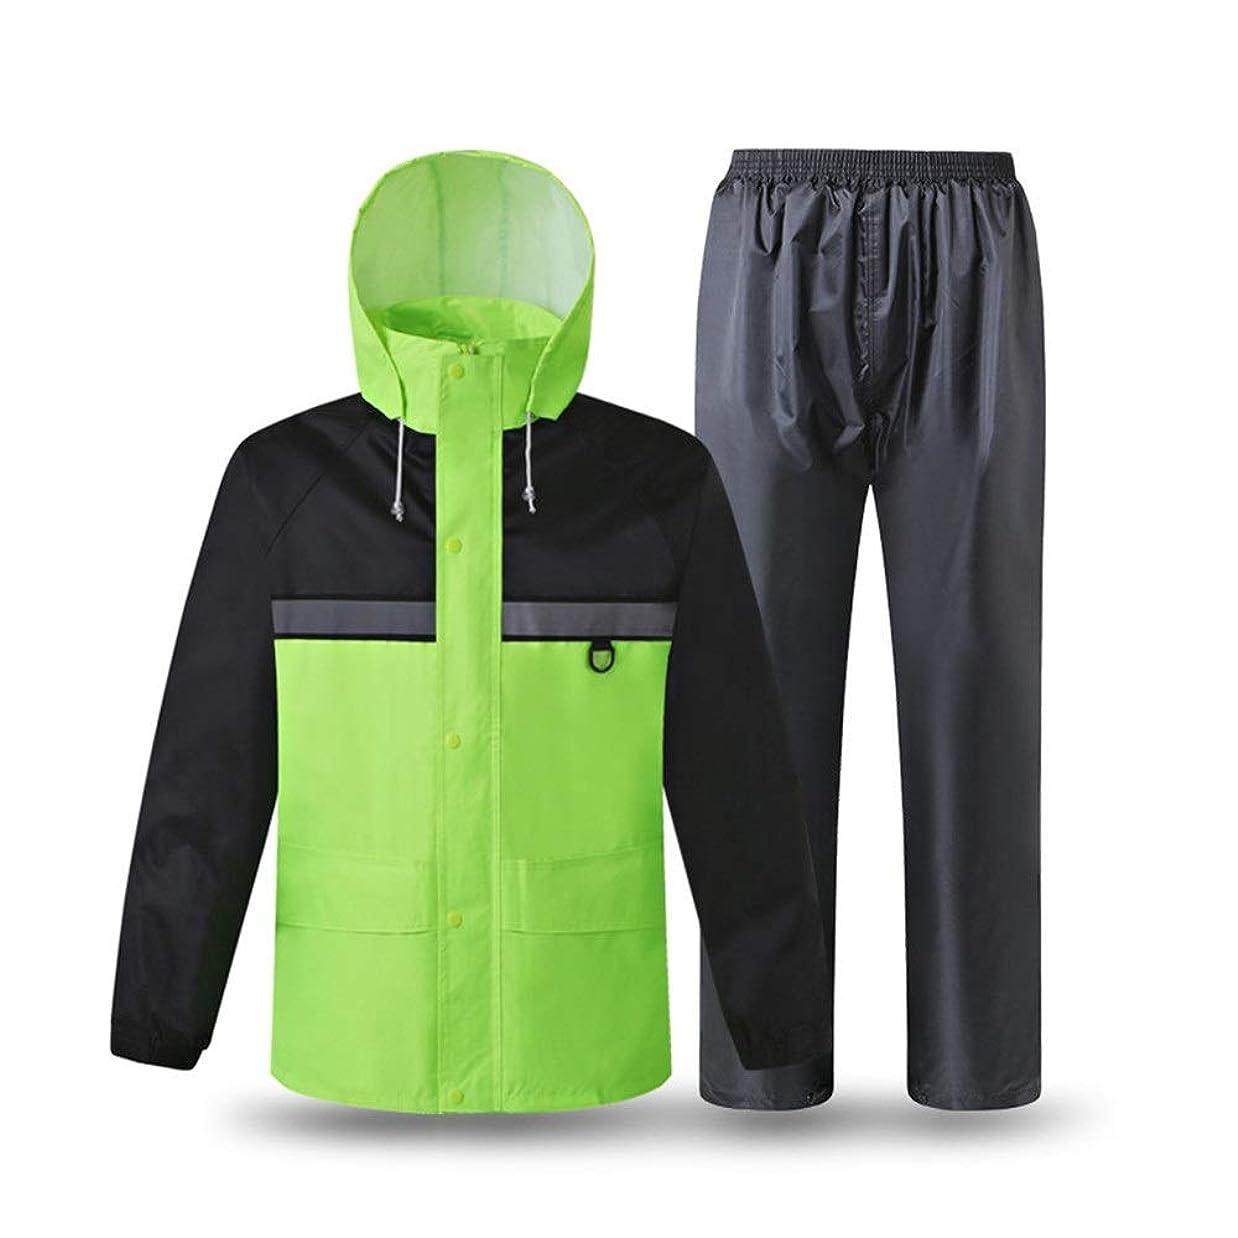 昆虫を見る雰囲気選択SUPHEN 反射レインコート衛生グリーン安全保護レインギアトラフィック警告セキュリティ蛍光防水ジャケット (Color : Fluorescent green, Size : XL)